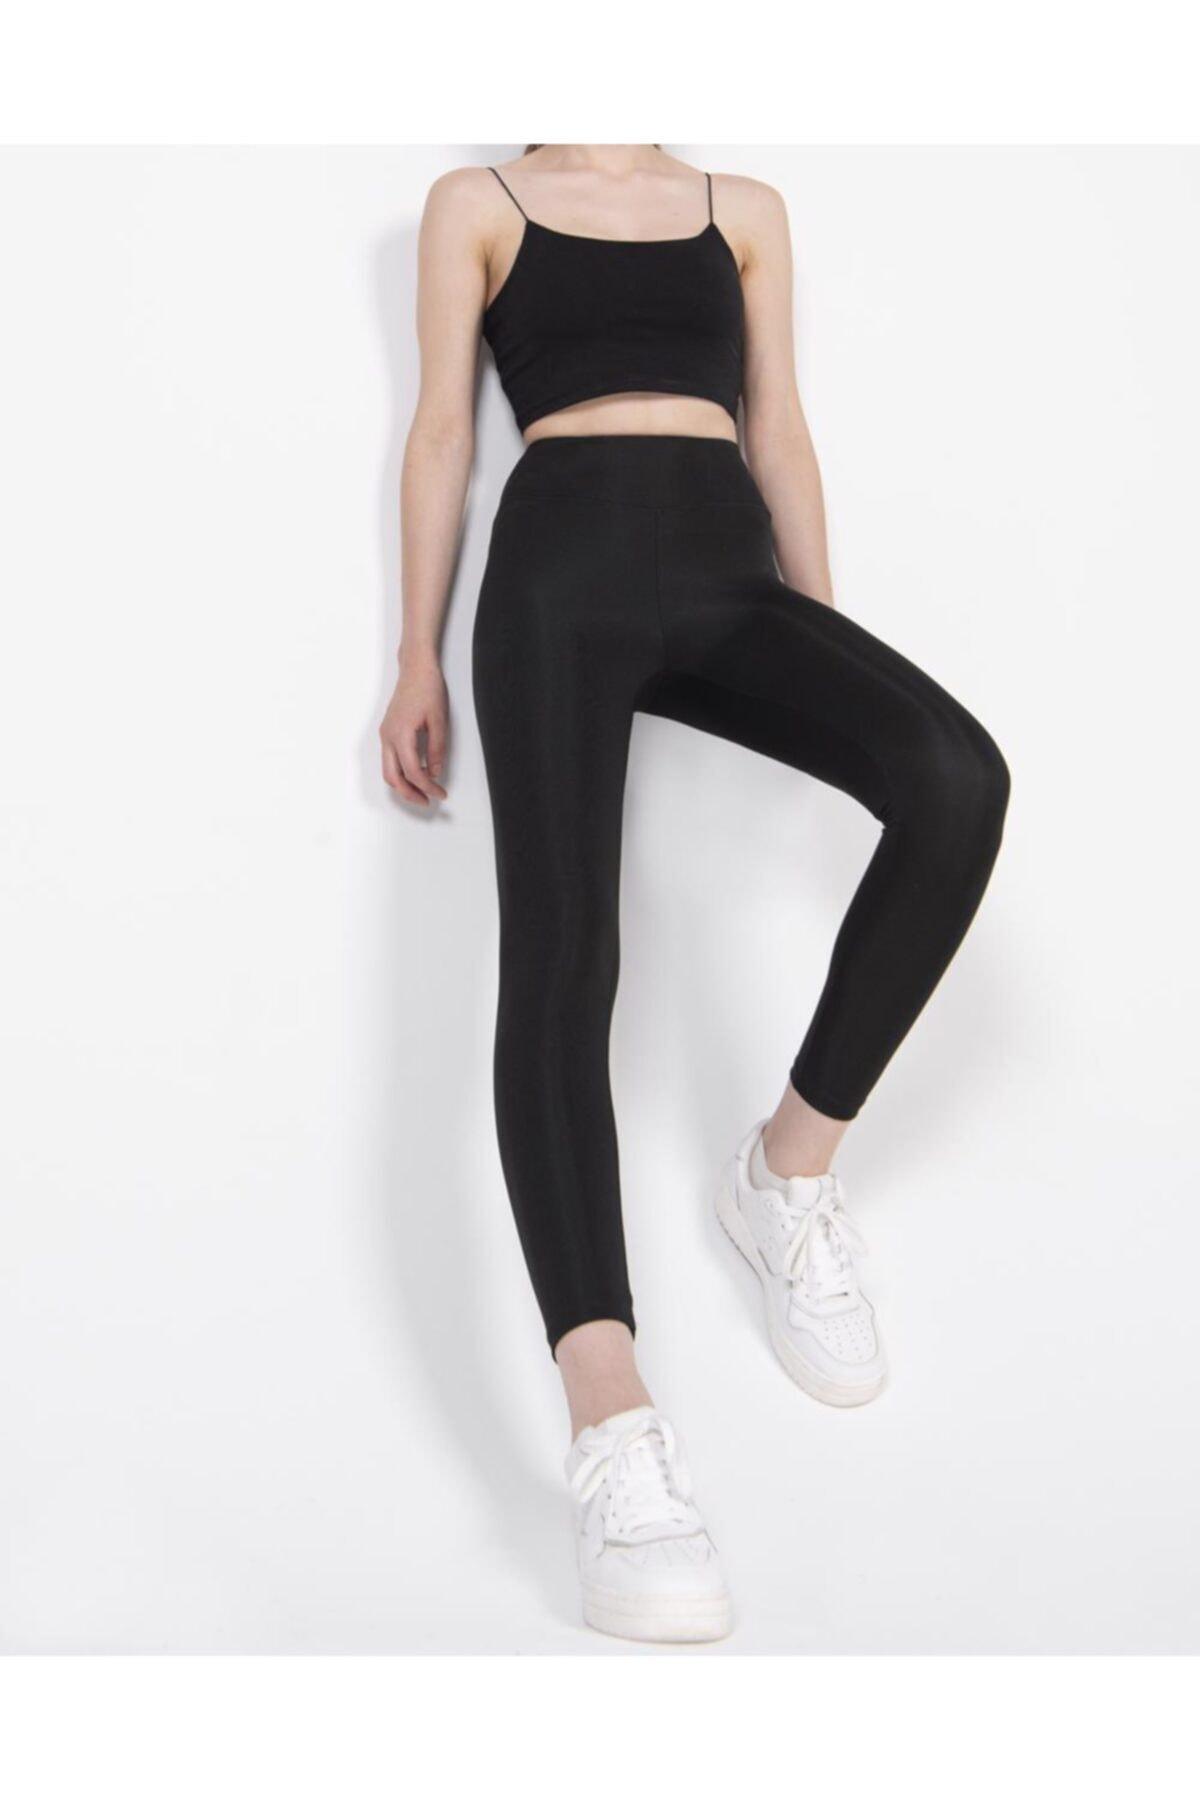 Barpo Giyim Kadın Siyah Disko Yüksek Bel Toparlayıcı Günlük Spor Şık Rahat Push Up Slim Fit Parlak Disco Tayt 1